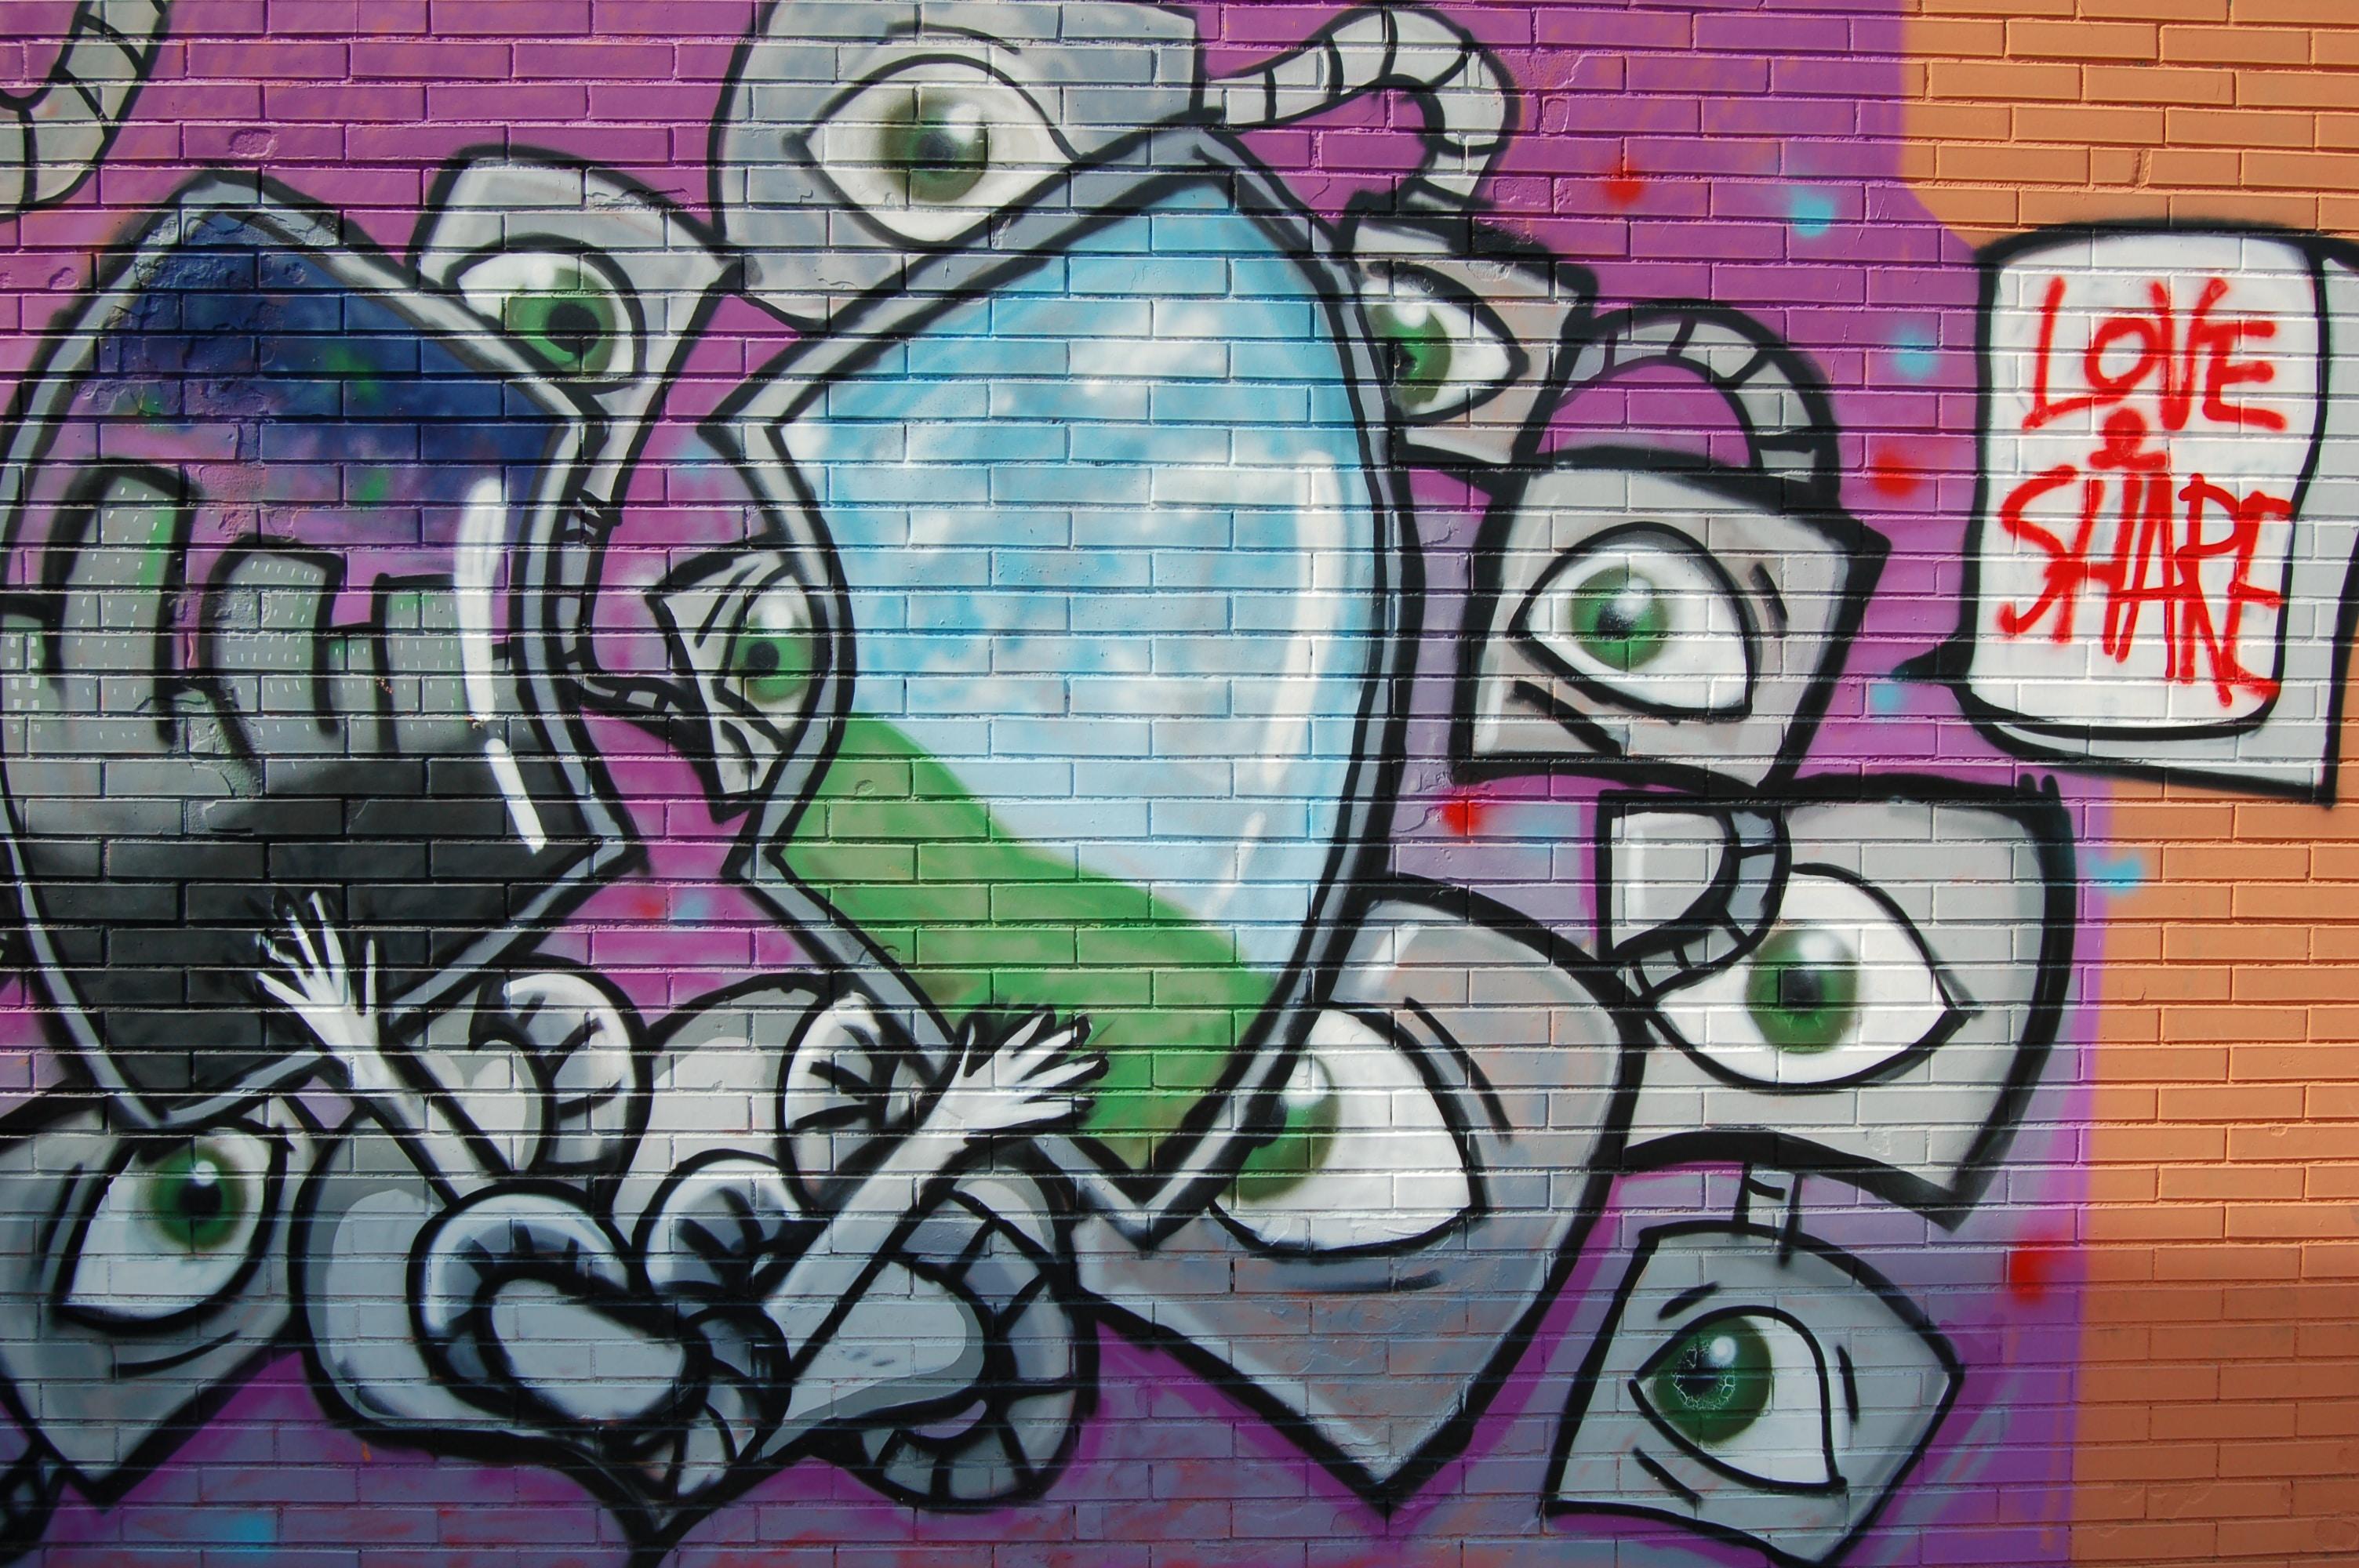 Bright spacey graffiti art on street brick wall